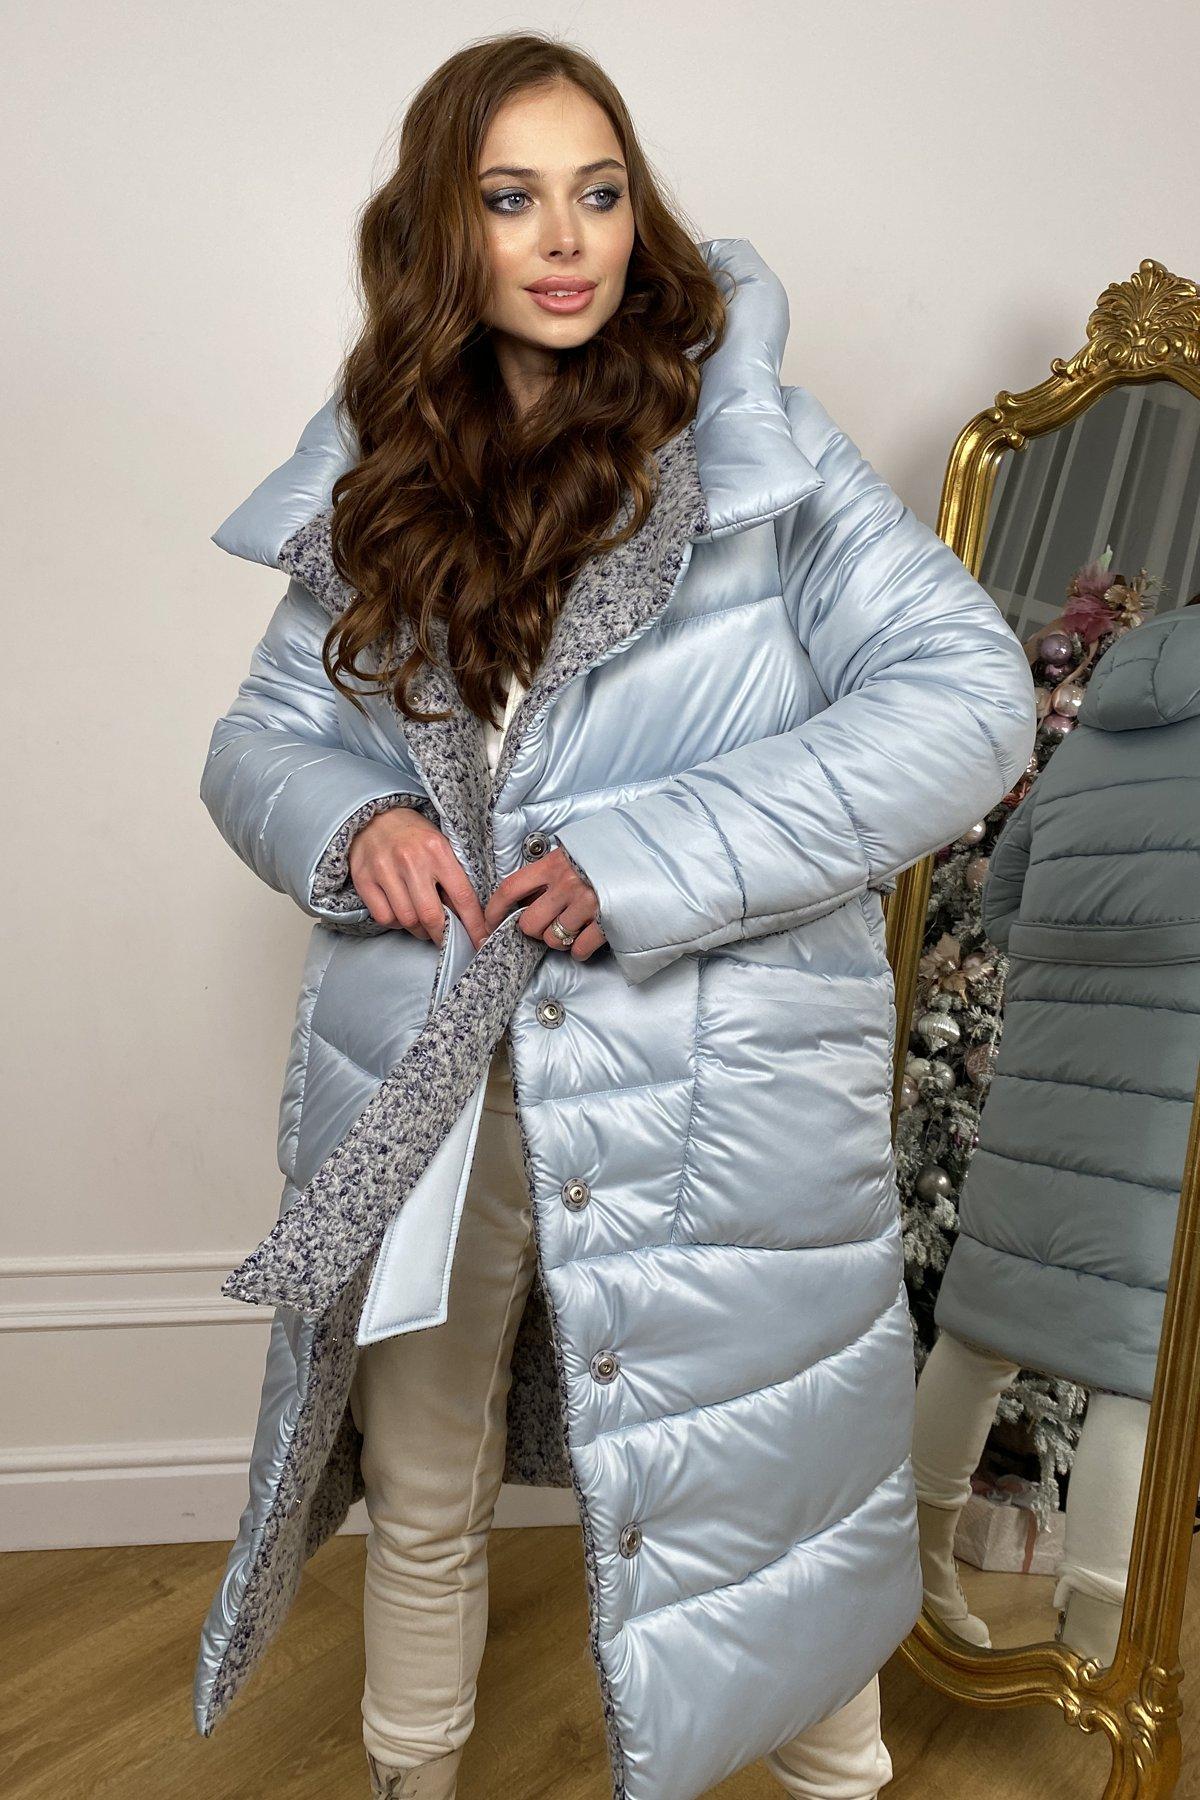 Бристоль плащевка стеганое пальто зима 10099 АРТ. 46407 Цвет: голубой/серый/голубой - фото 1, интернет магазин tm-modus.ru